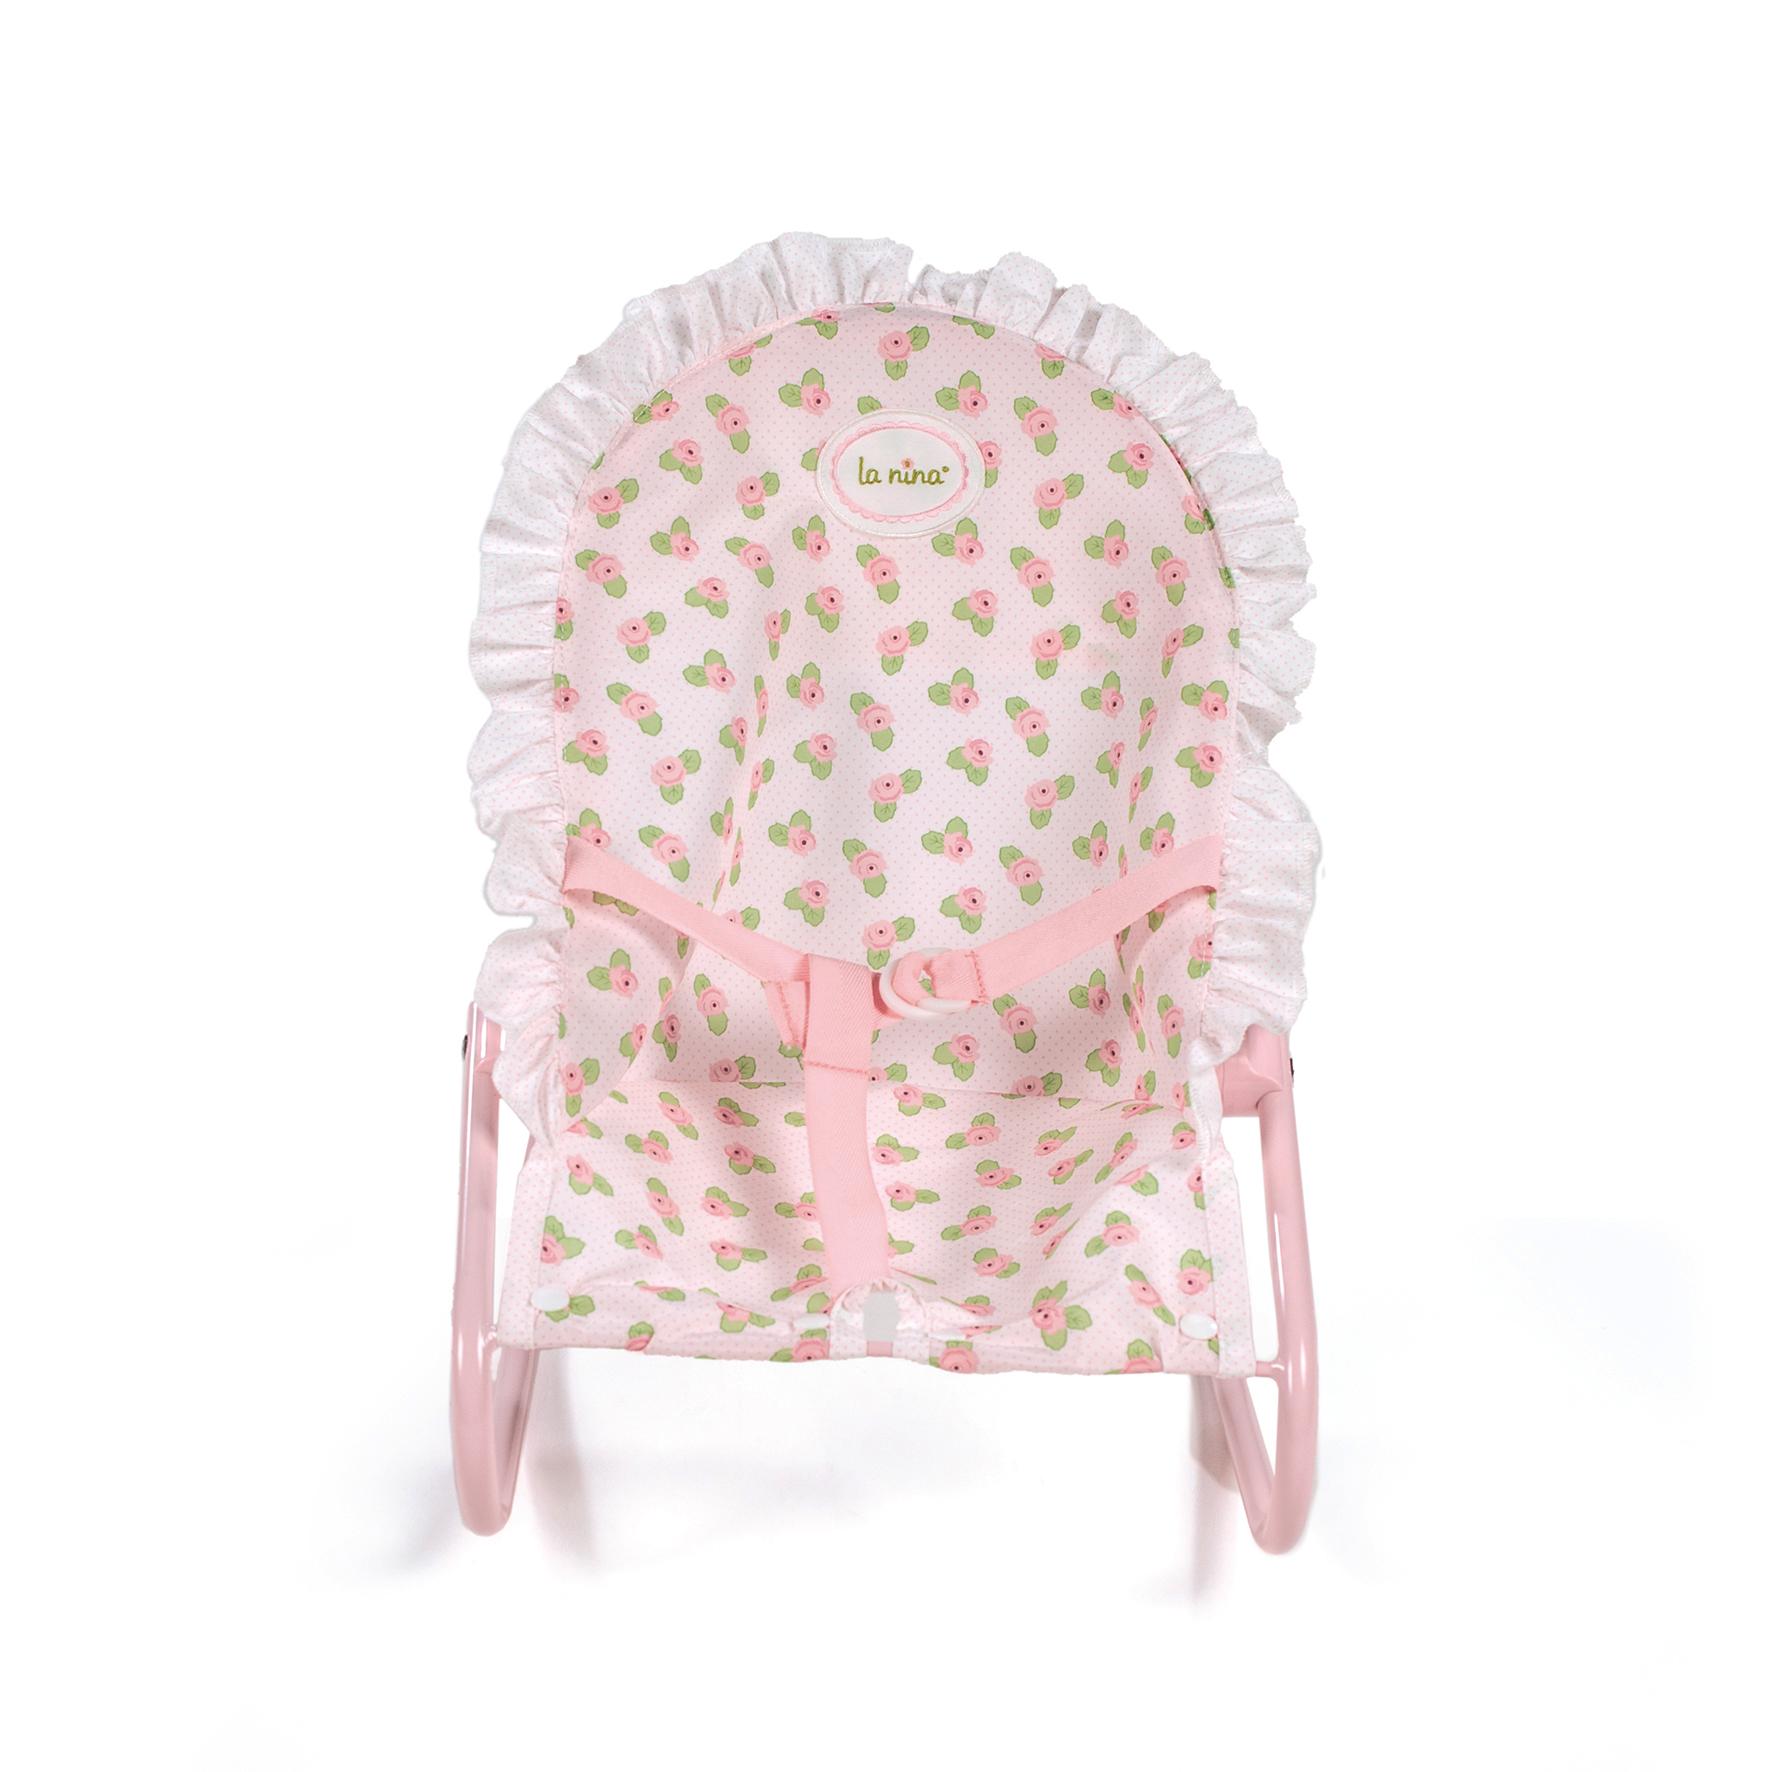 Cadeira de Baloiço Flores